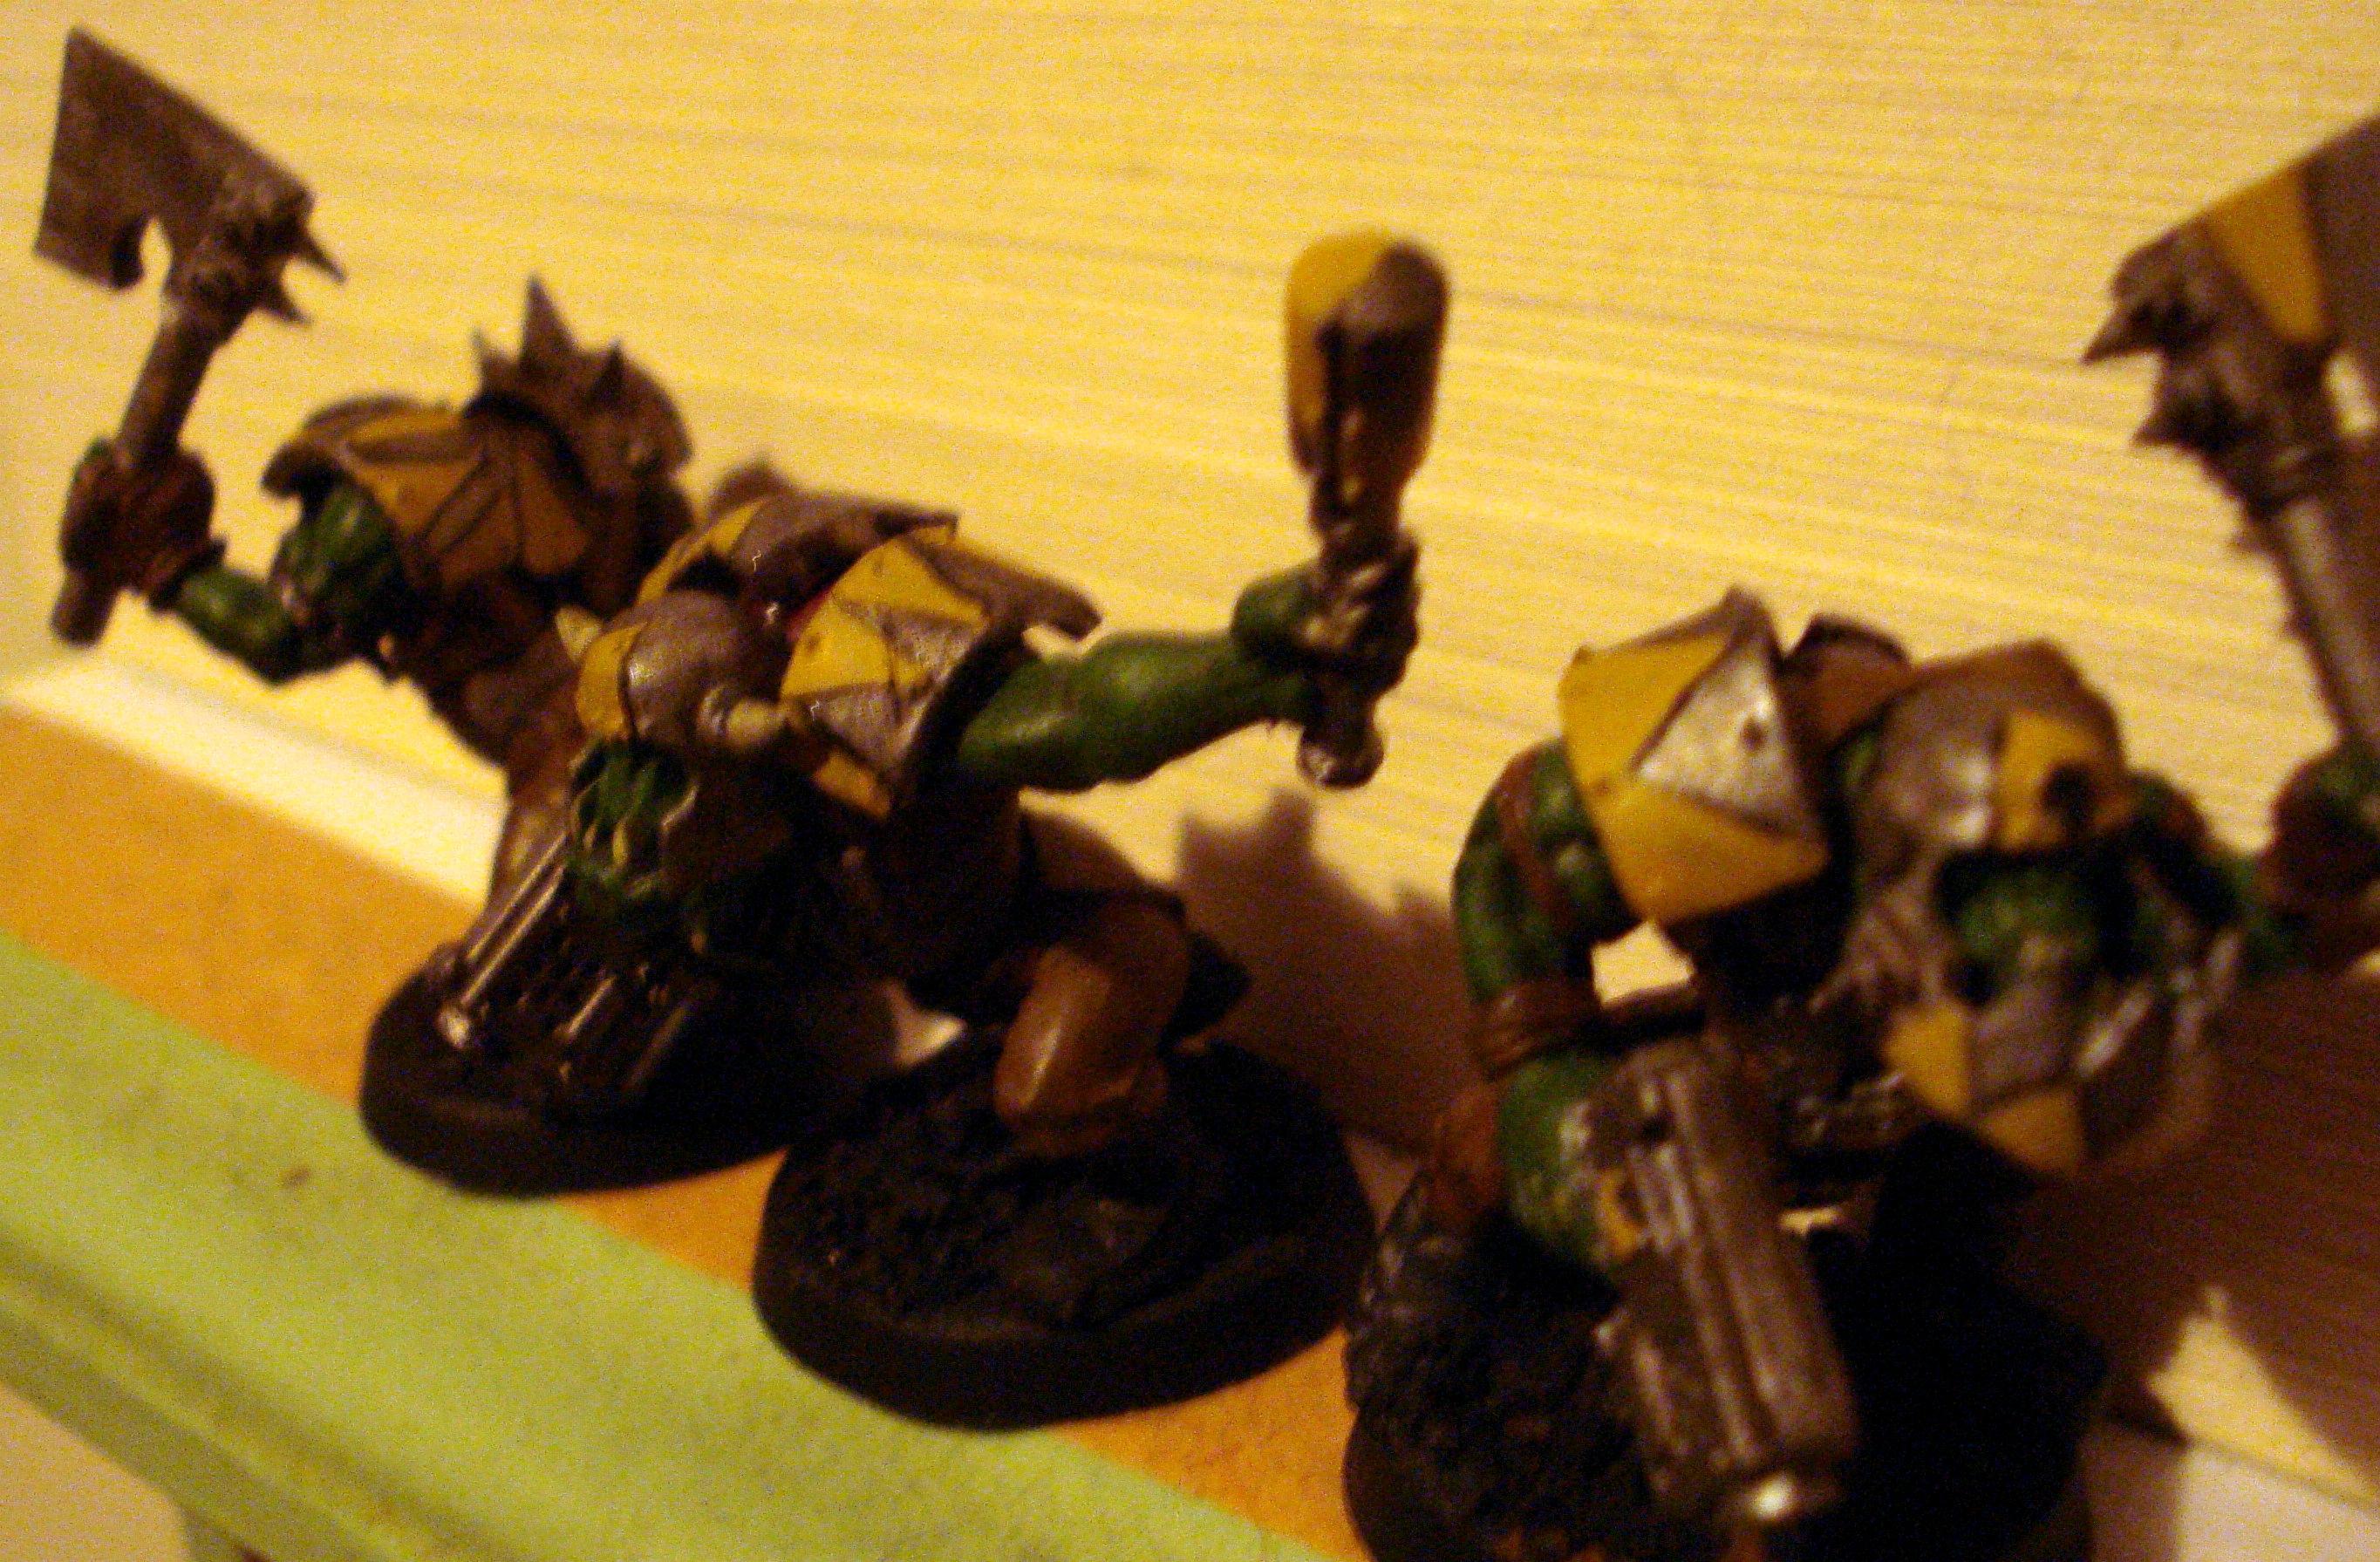 Ard Boyz, Orks, Warhammer 40,000